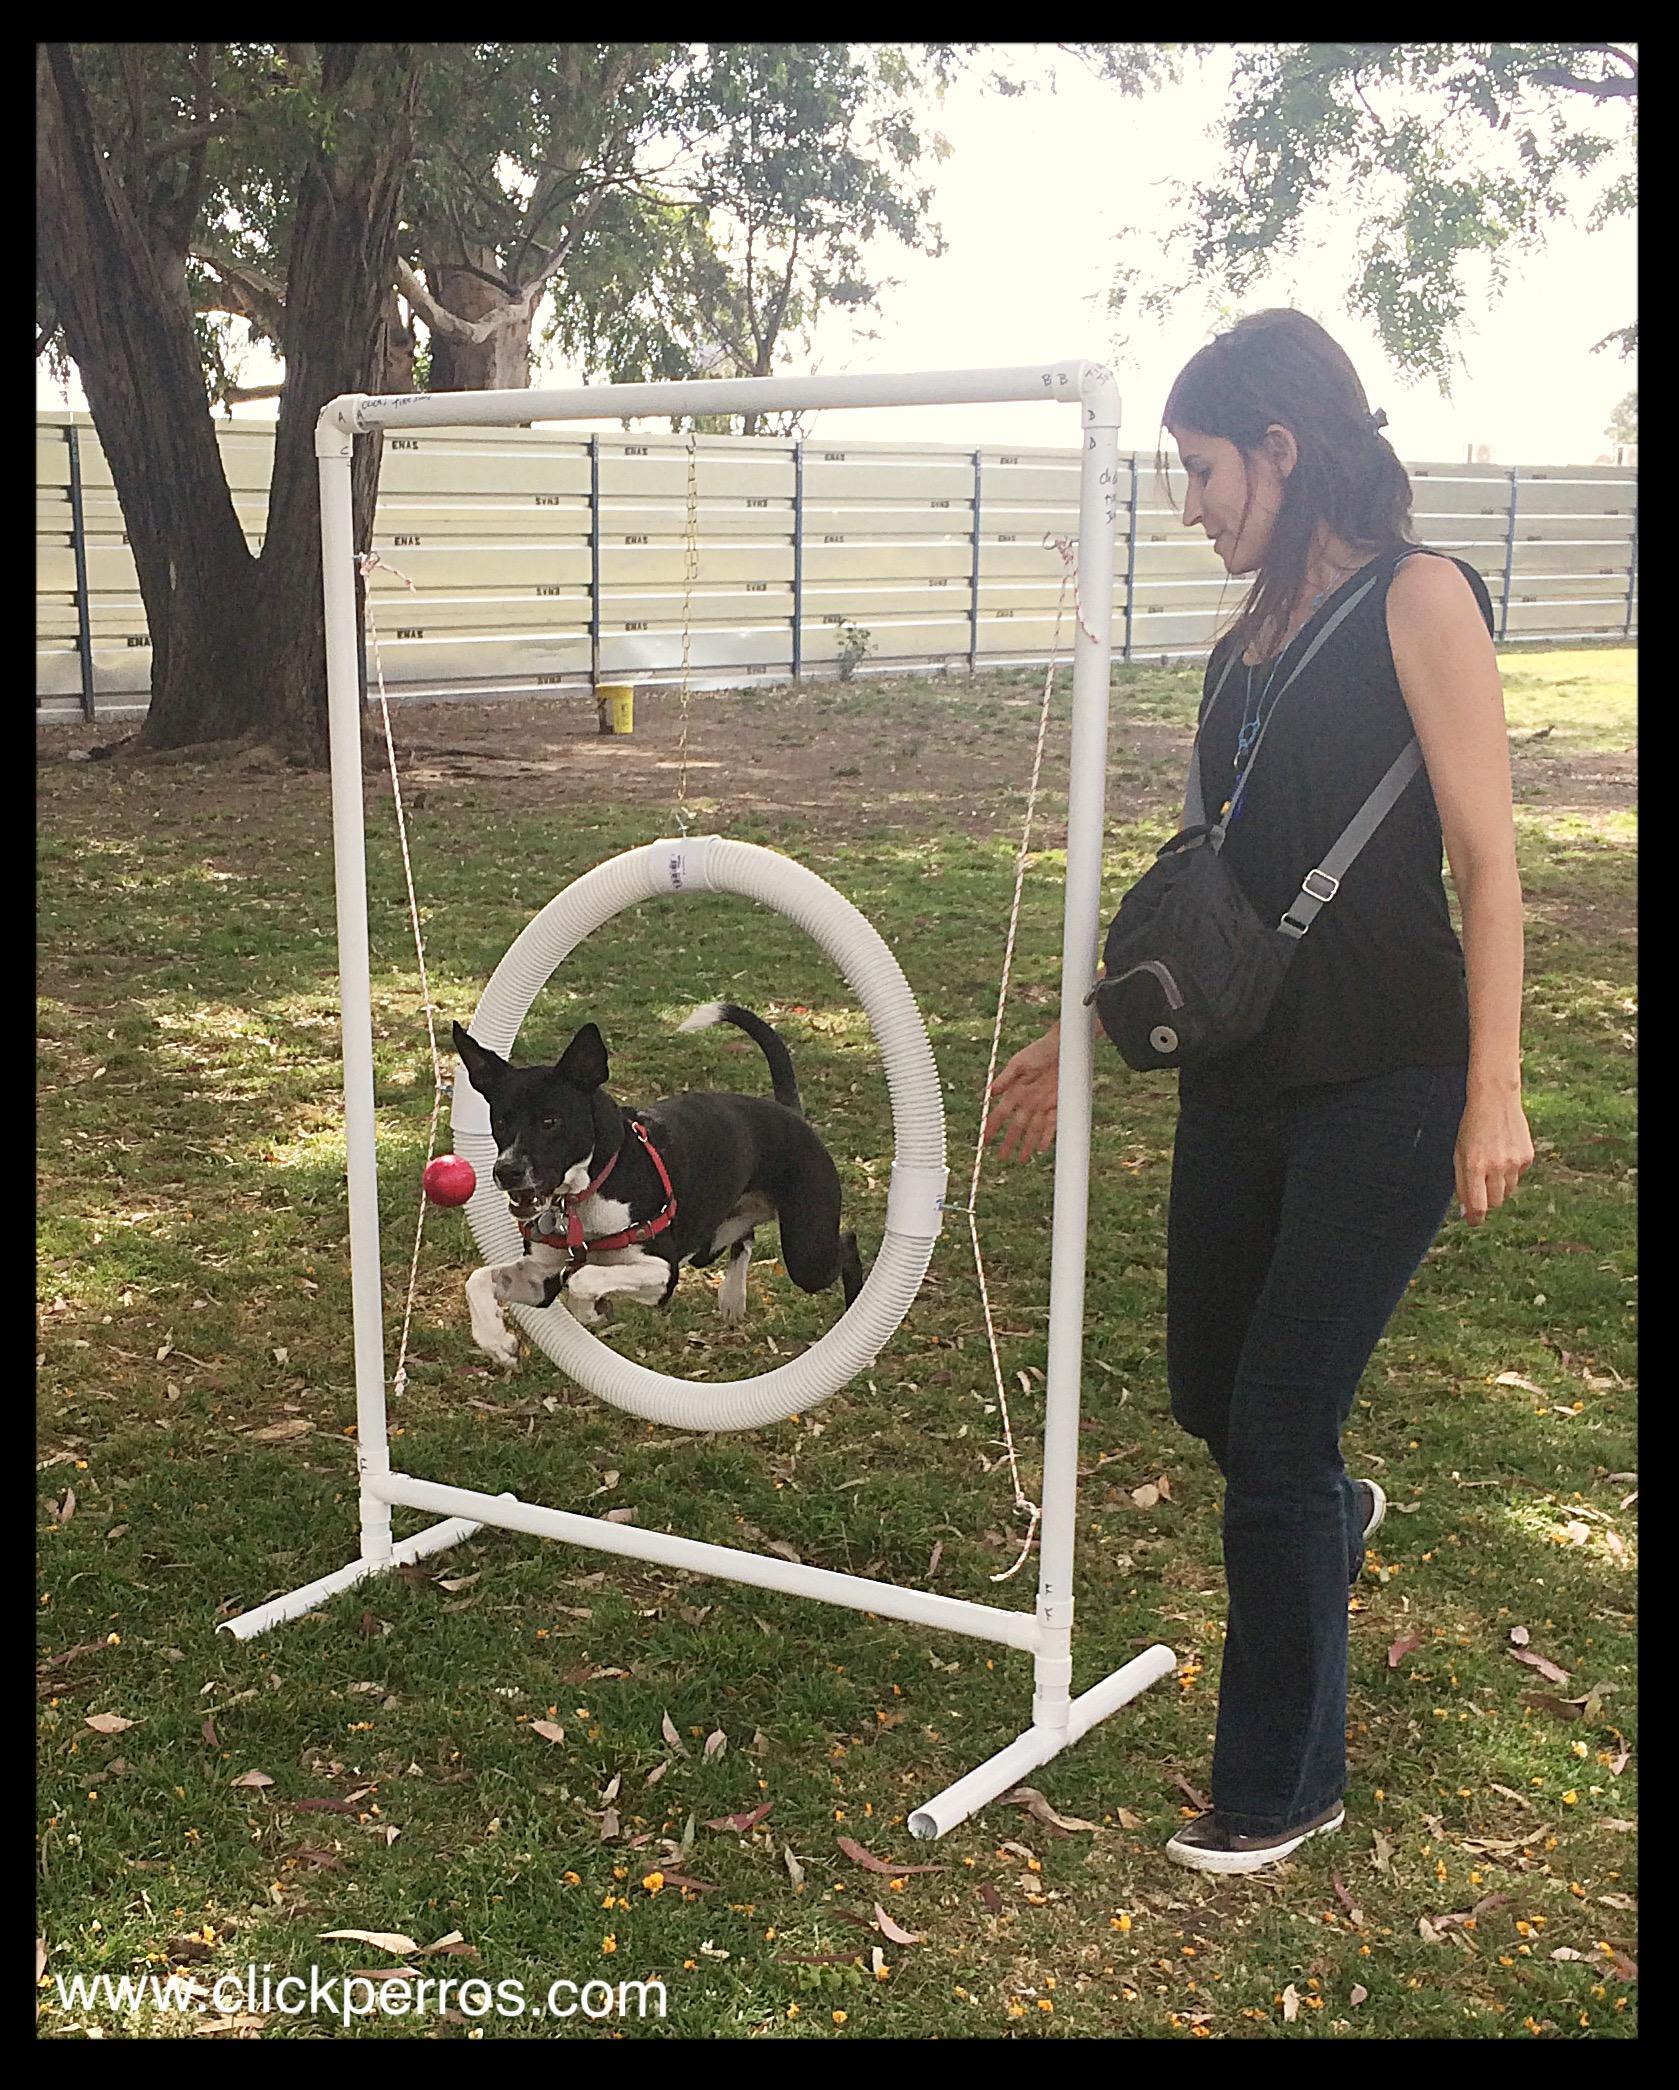 Agility para perros buenos aires, deportes caninos, adiestramiento de perros